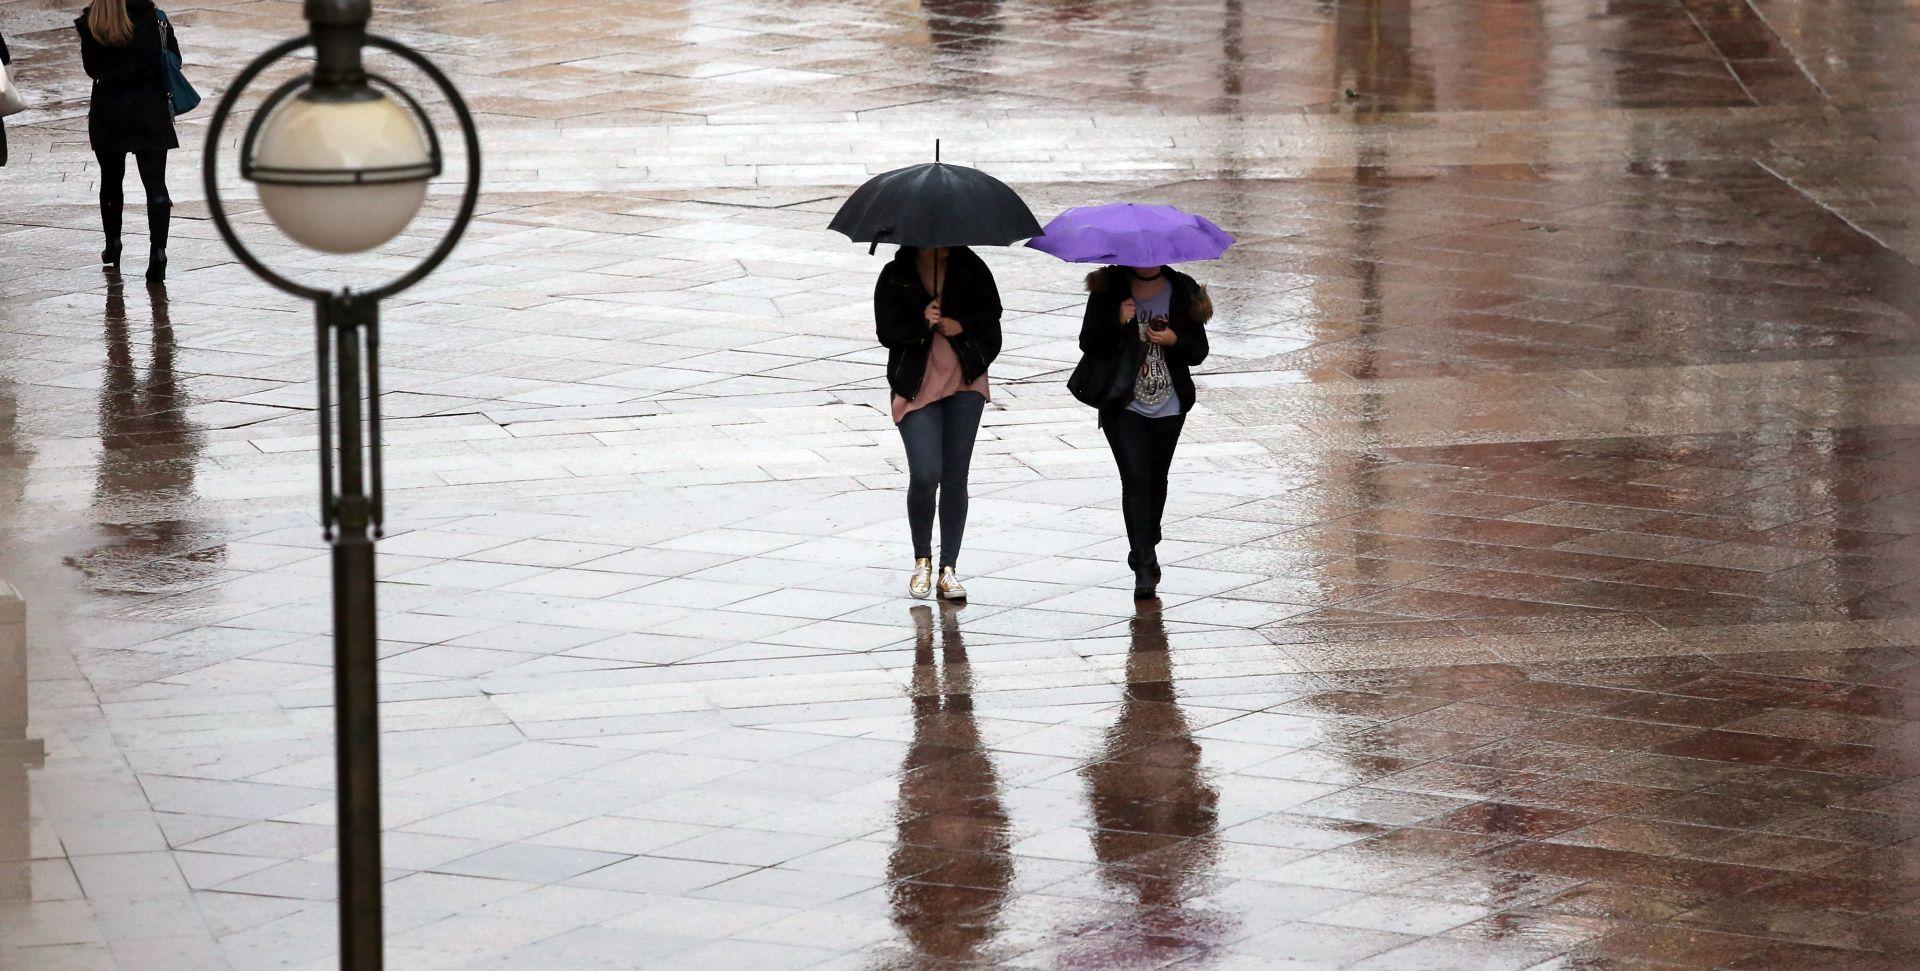 STIGLA JAKA PROMJENA VREMENA Obilna kiša s grmljavinom diljem zemlje